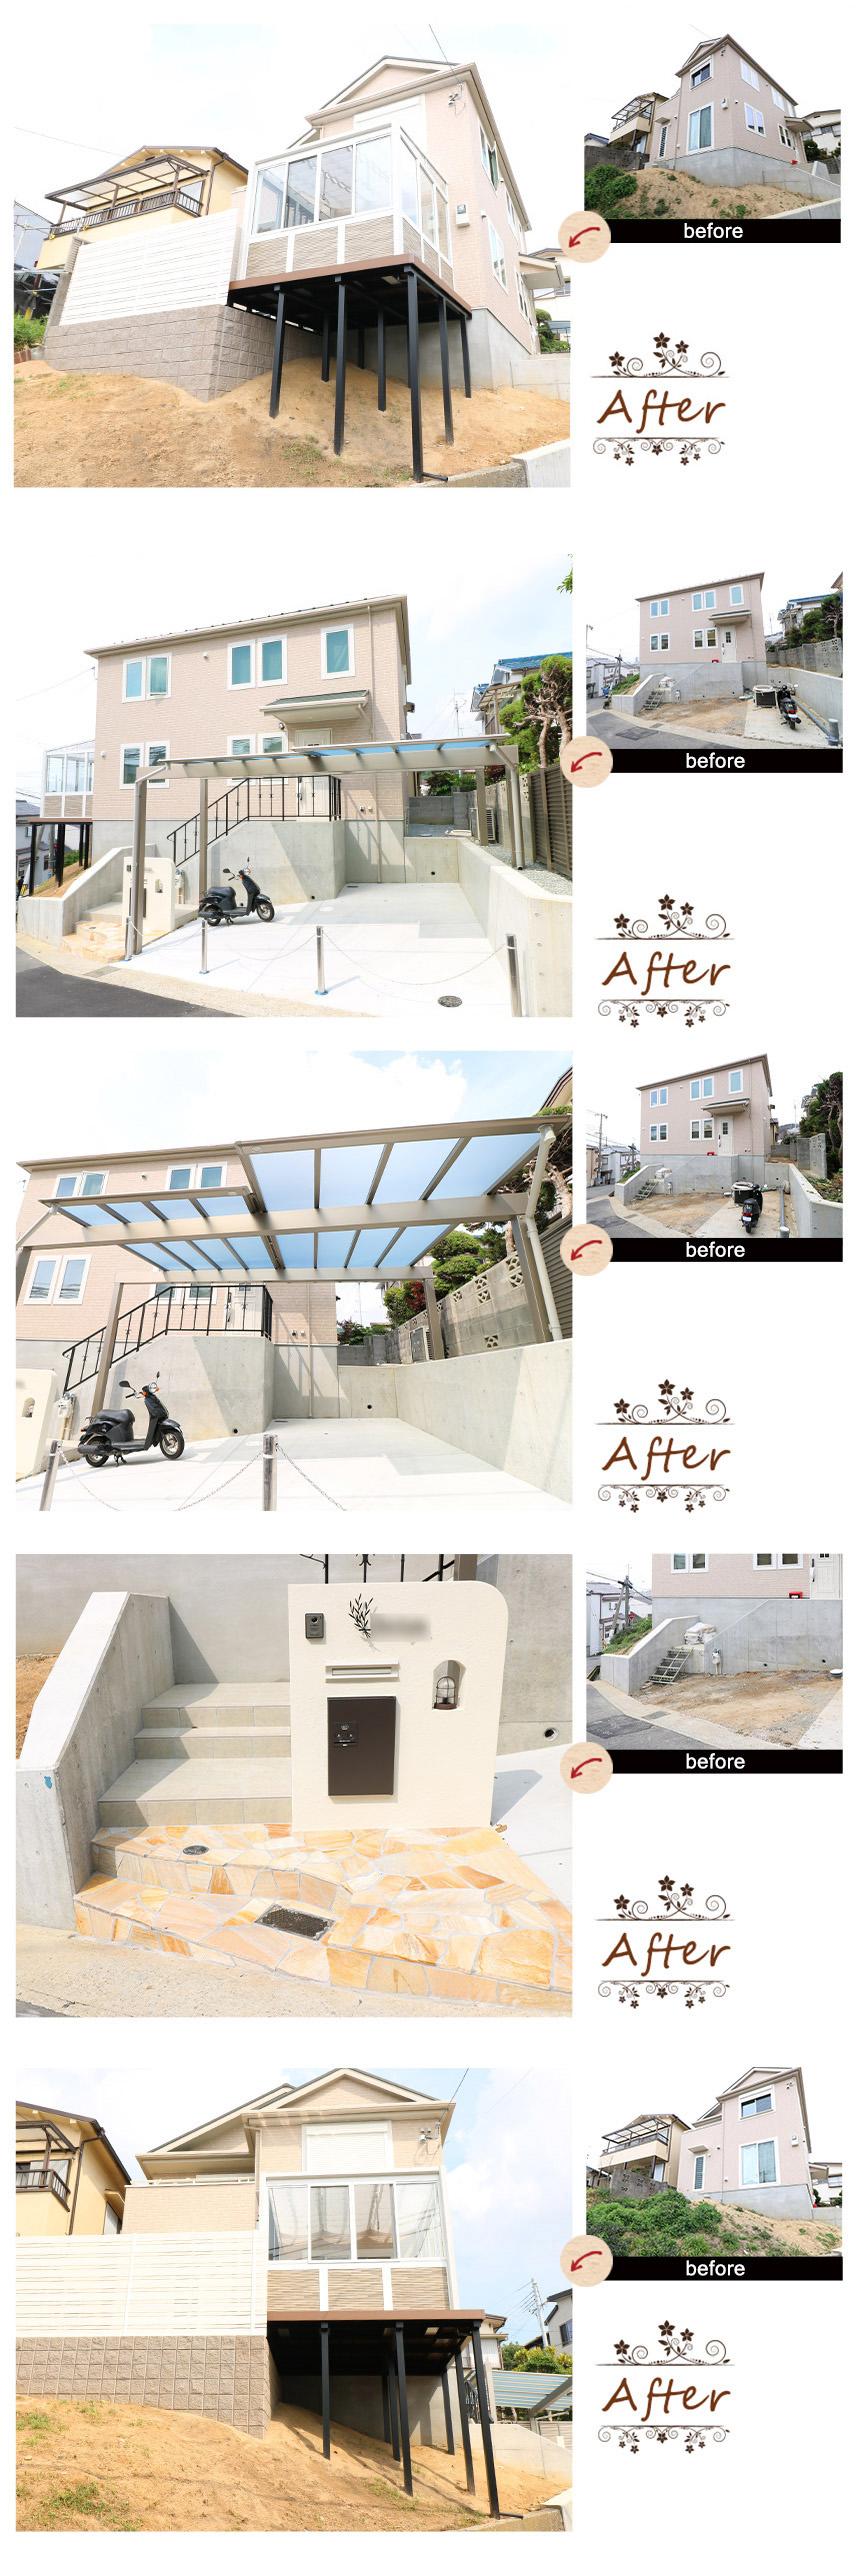 神戸市須磨区 H様邸のビフォーアフター写真